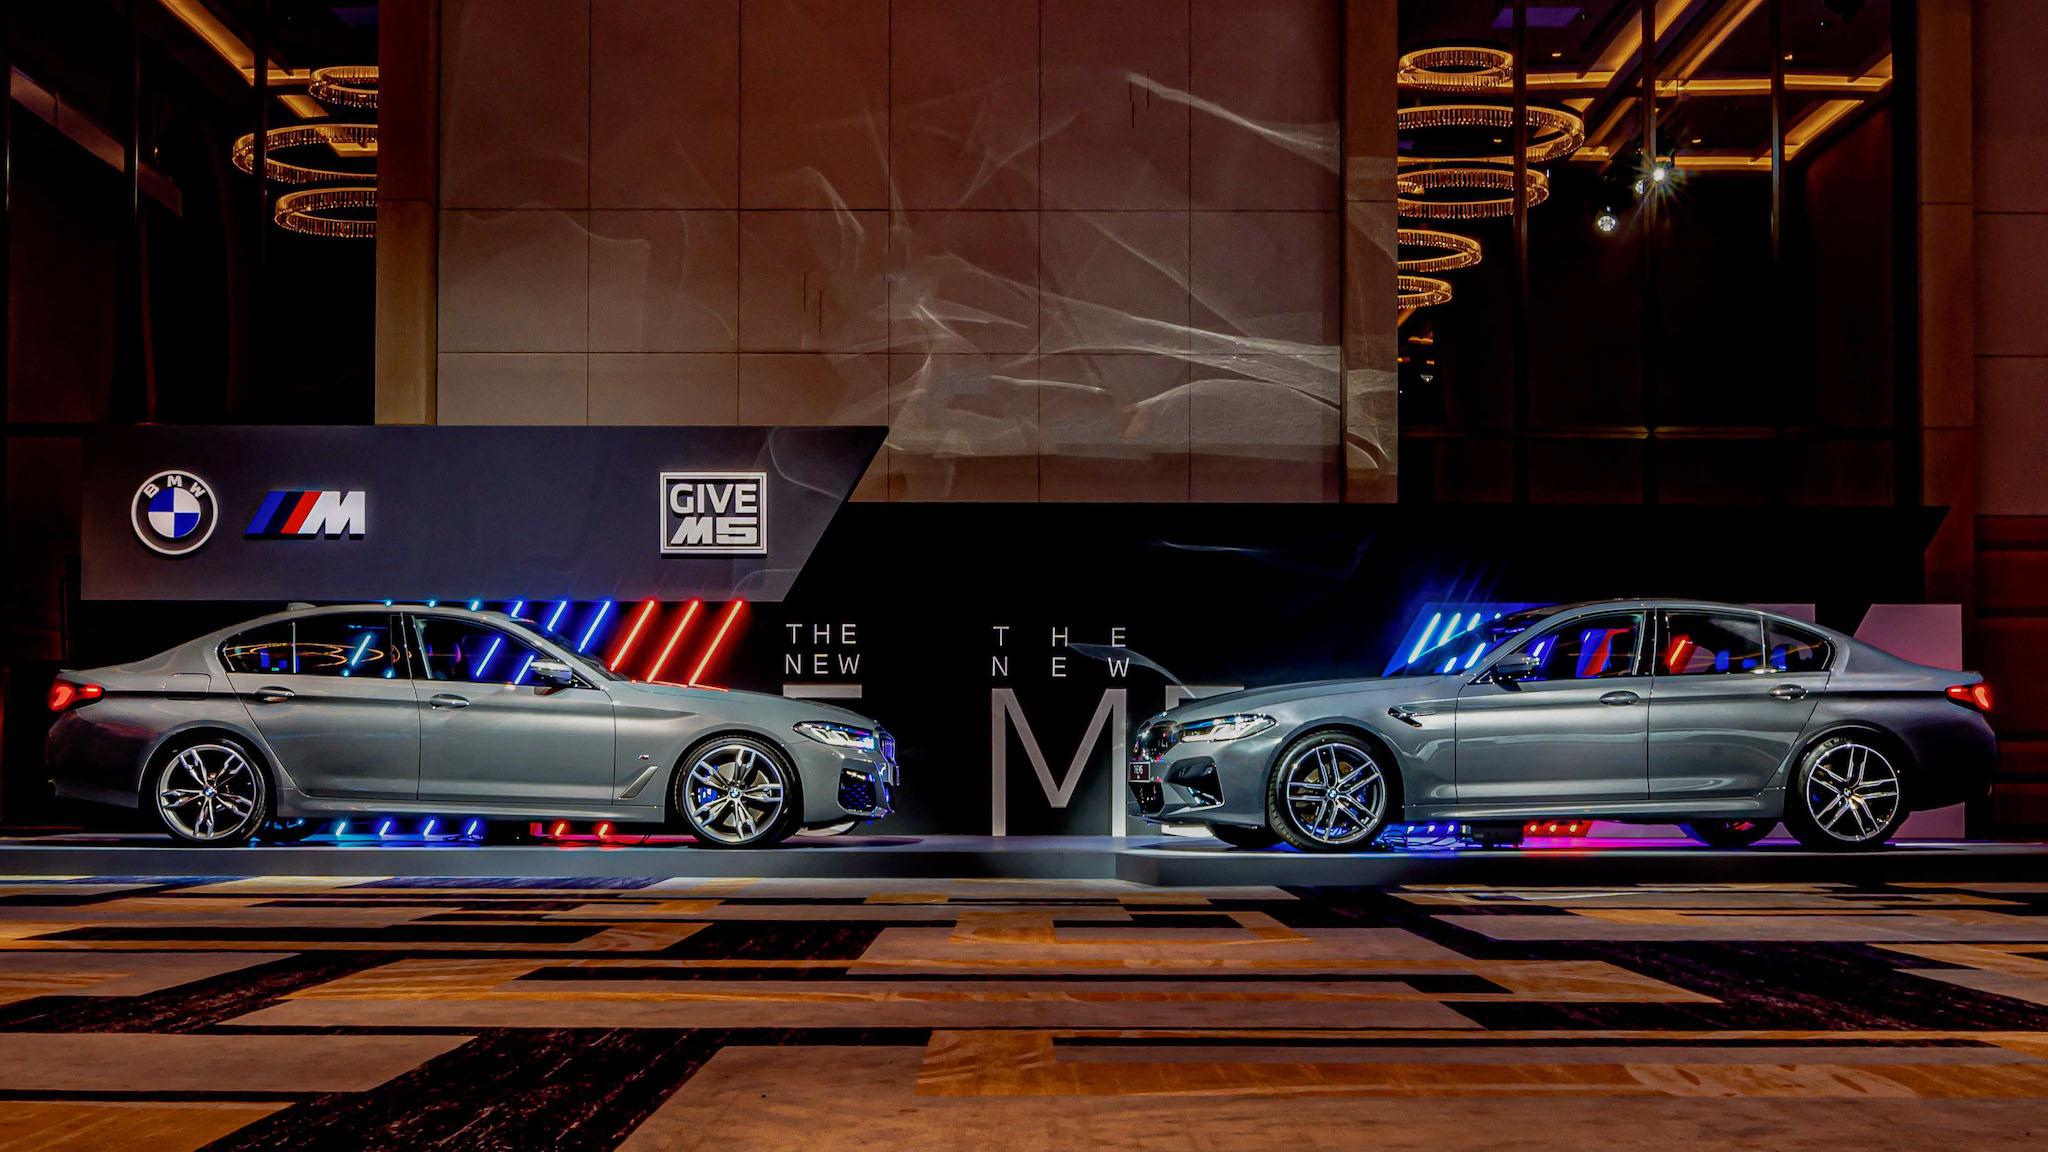 全新 BMW M5 708 萬起、M550i 468 萬起正式發售;M2 CS 限量 20 台要搶要快